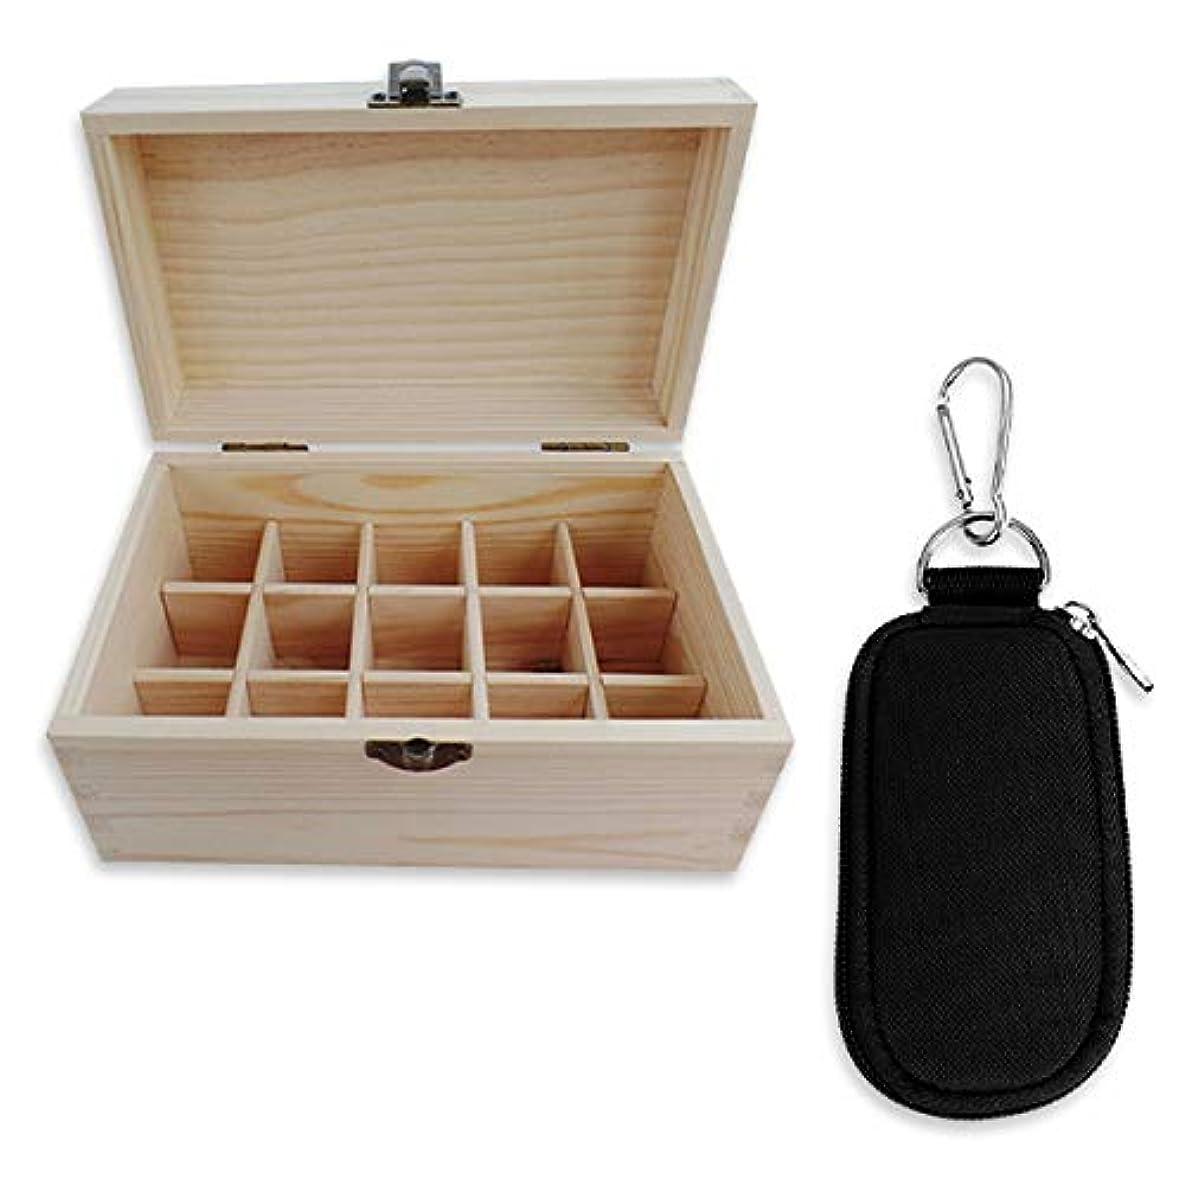 暖かく泥沼ナチュラHAMILO エッセンシャルオイル収納ボックス 木製ケース オイル収納ボックス 遮光瓶用ポーチ付 (2点セット)